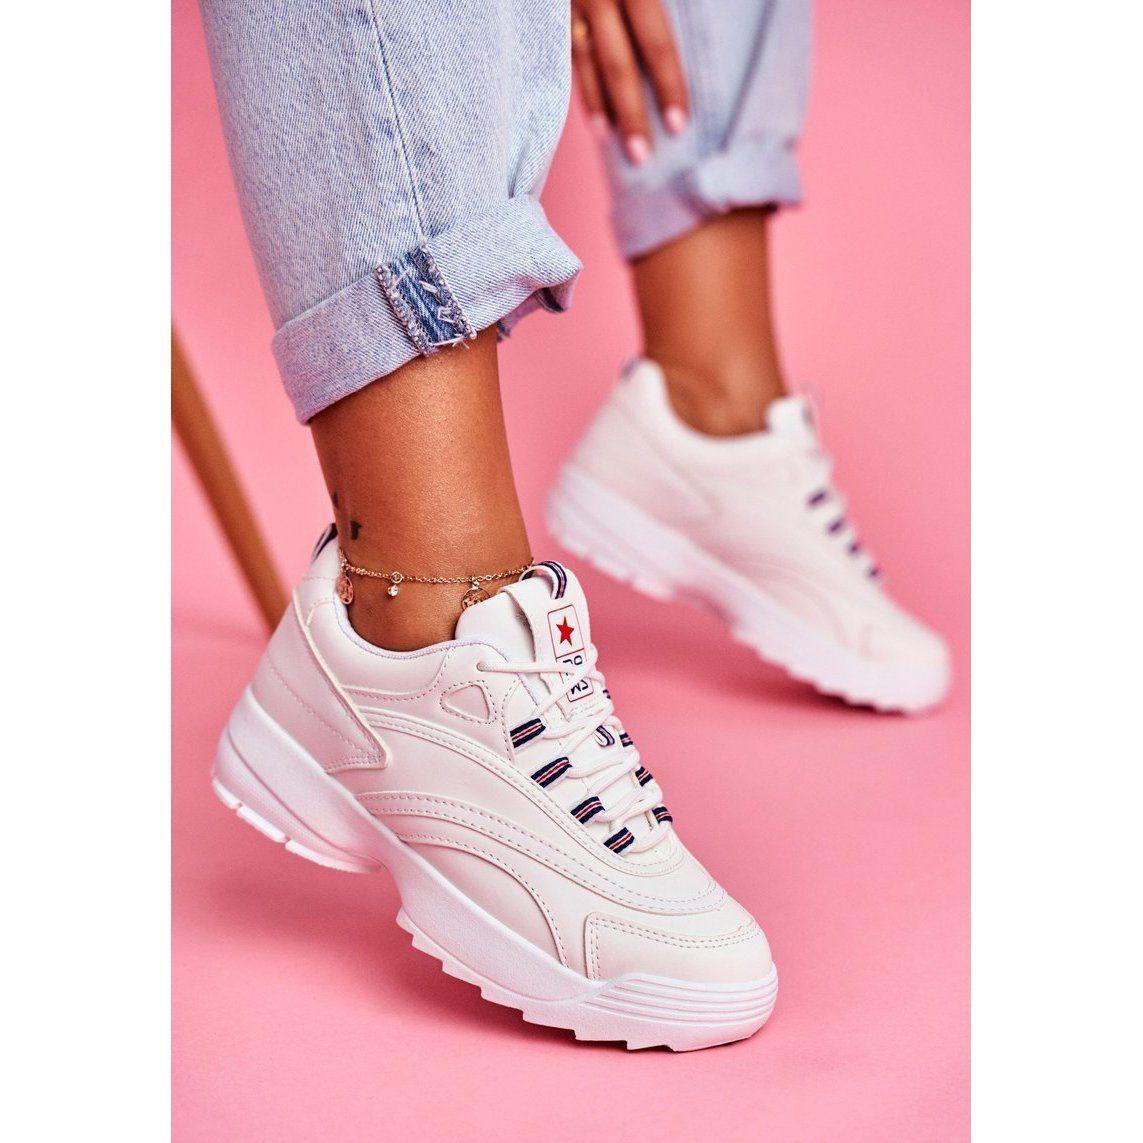 Eve Sportowe Damskie Buty Biale Boston Air Max Sneakers Sneakers Nike Nike Air